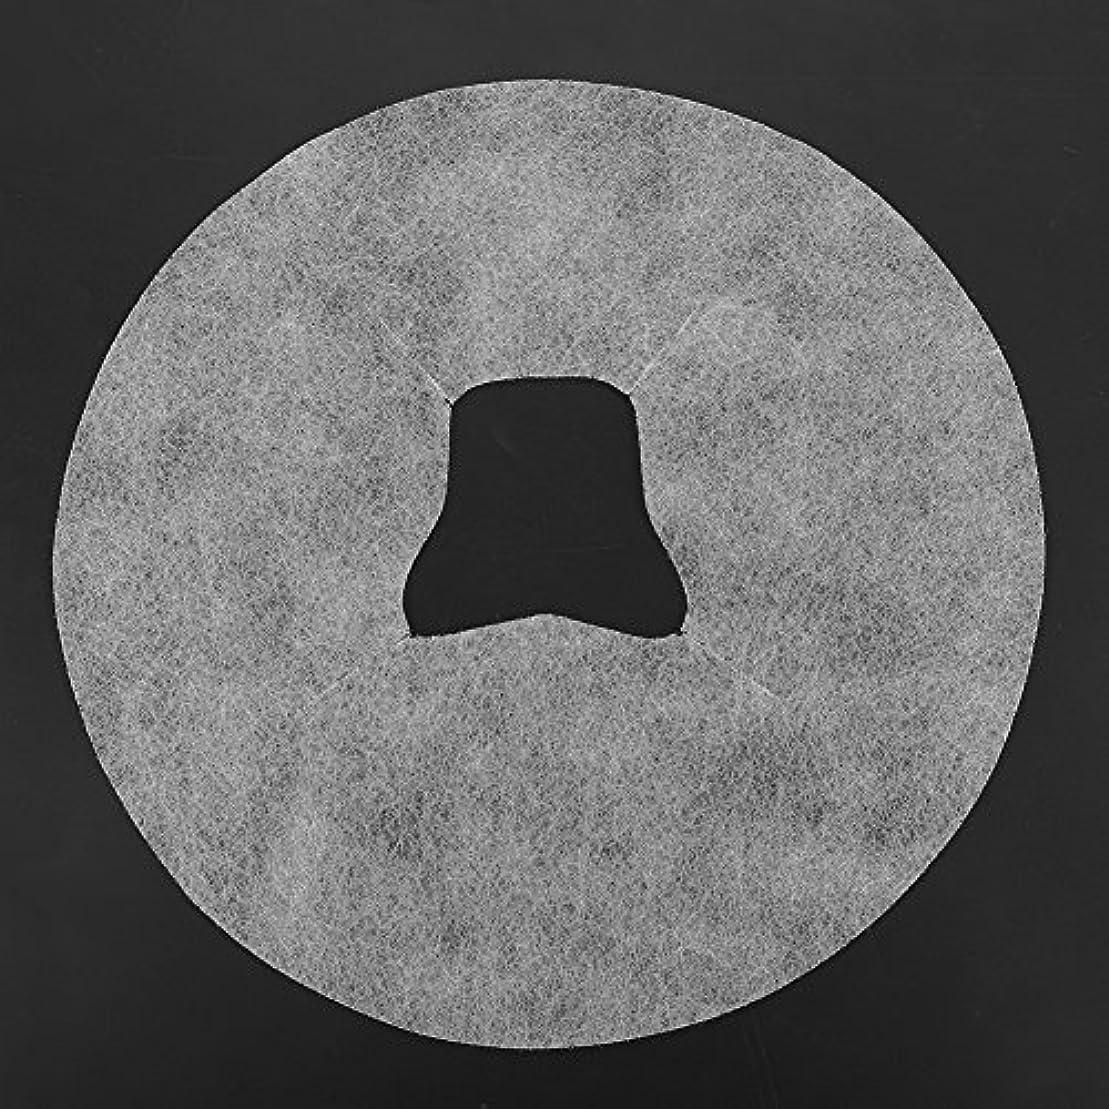 前文指導する疎外SoarUp 【100枚入】 フェイスマッサージパッド 使い捨てタオル 顔用 使い捨て 不織布材料 通気性 美容院?スパ?美容マッサージ専用 衛生的 安全 ホワイト